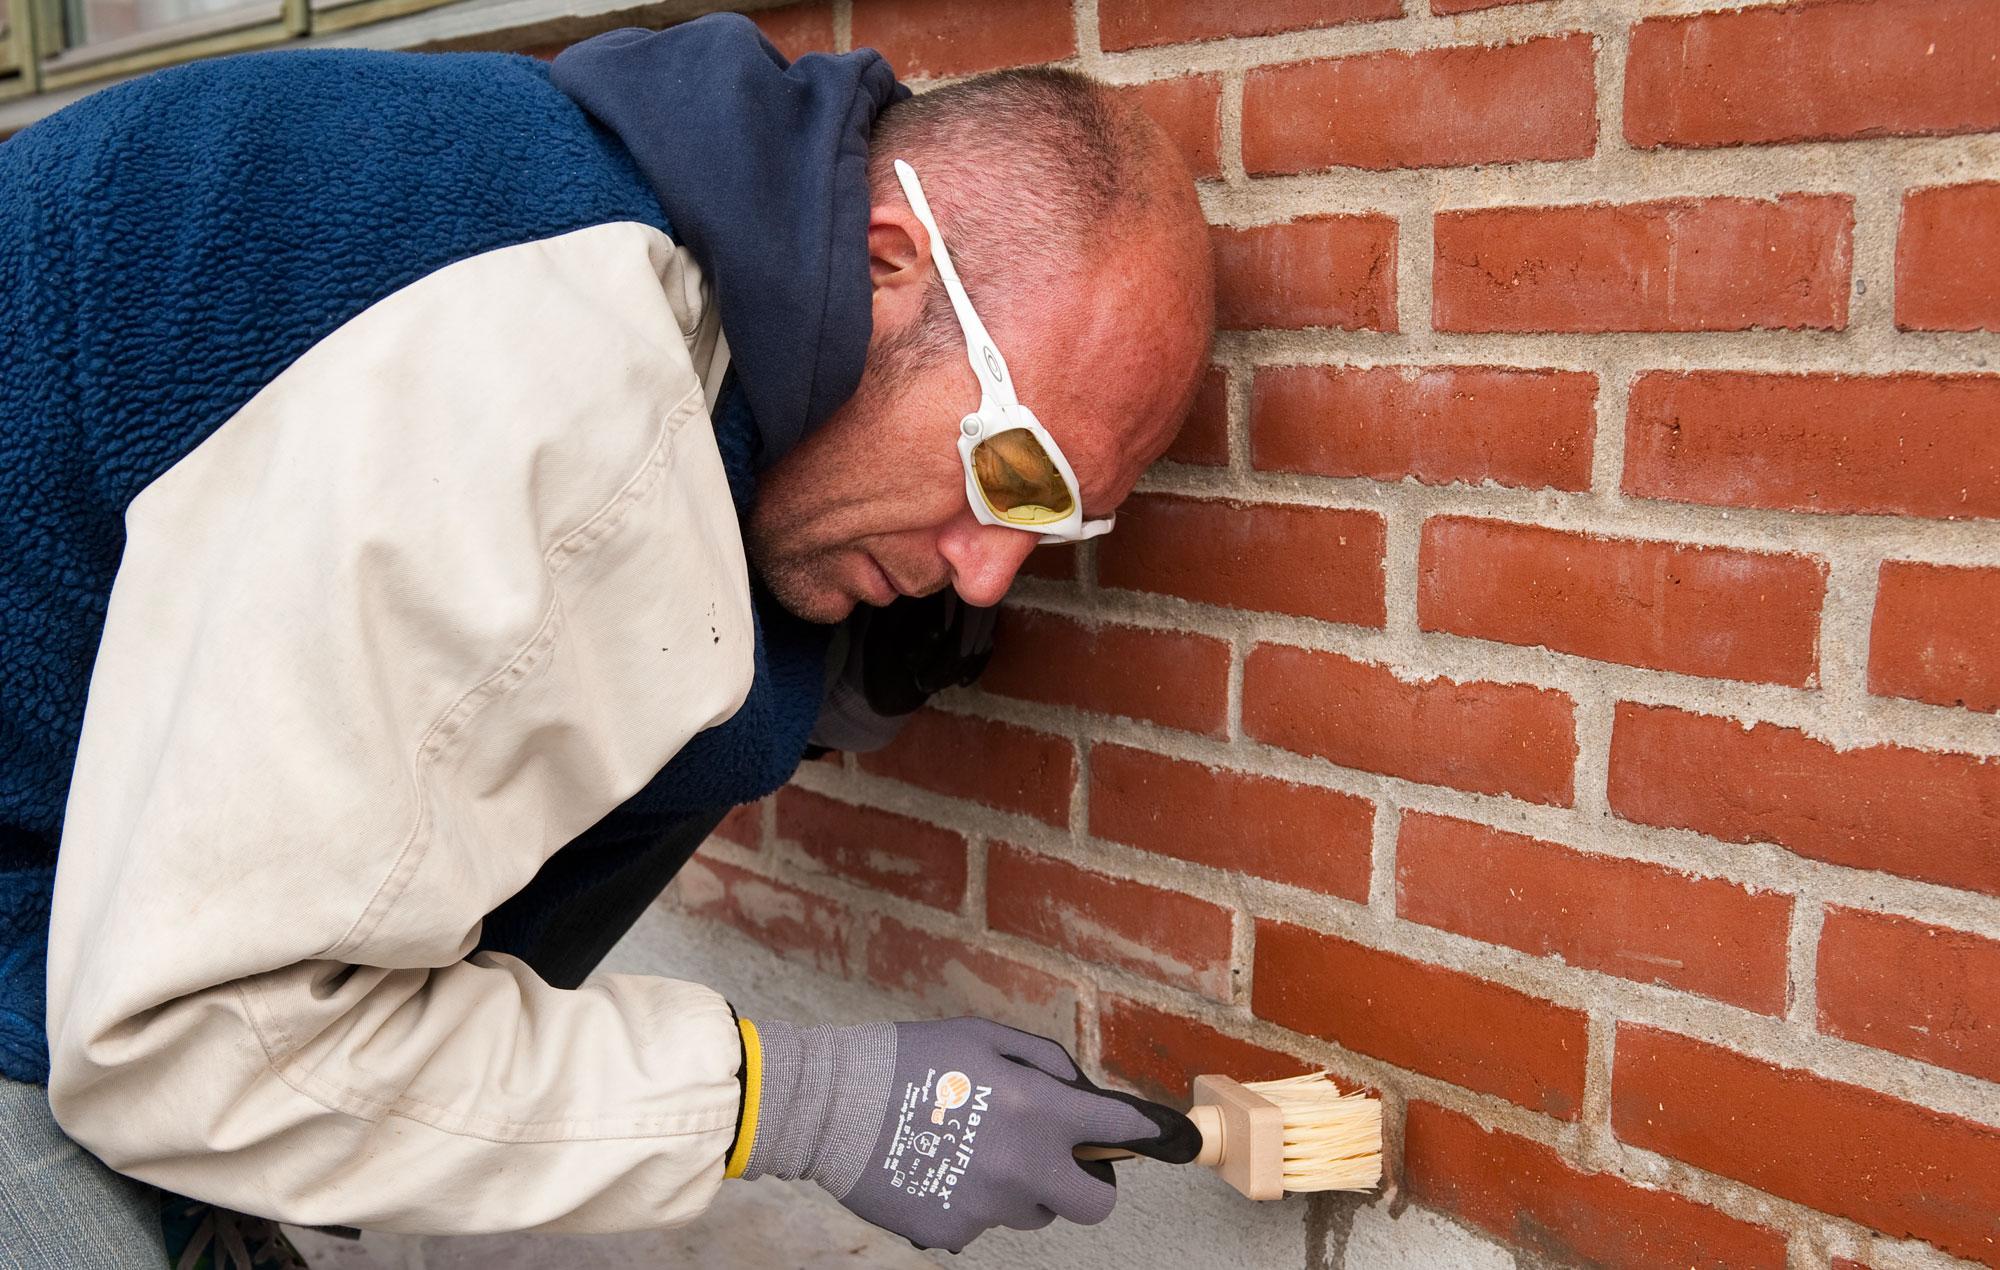 #1A3E66 Anbefalede Gør Det Selv: Reparér Soklen Gør Det Selv Sokkel 6097 200012706097